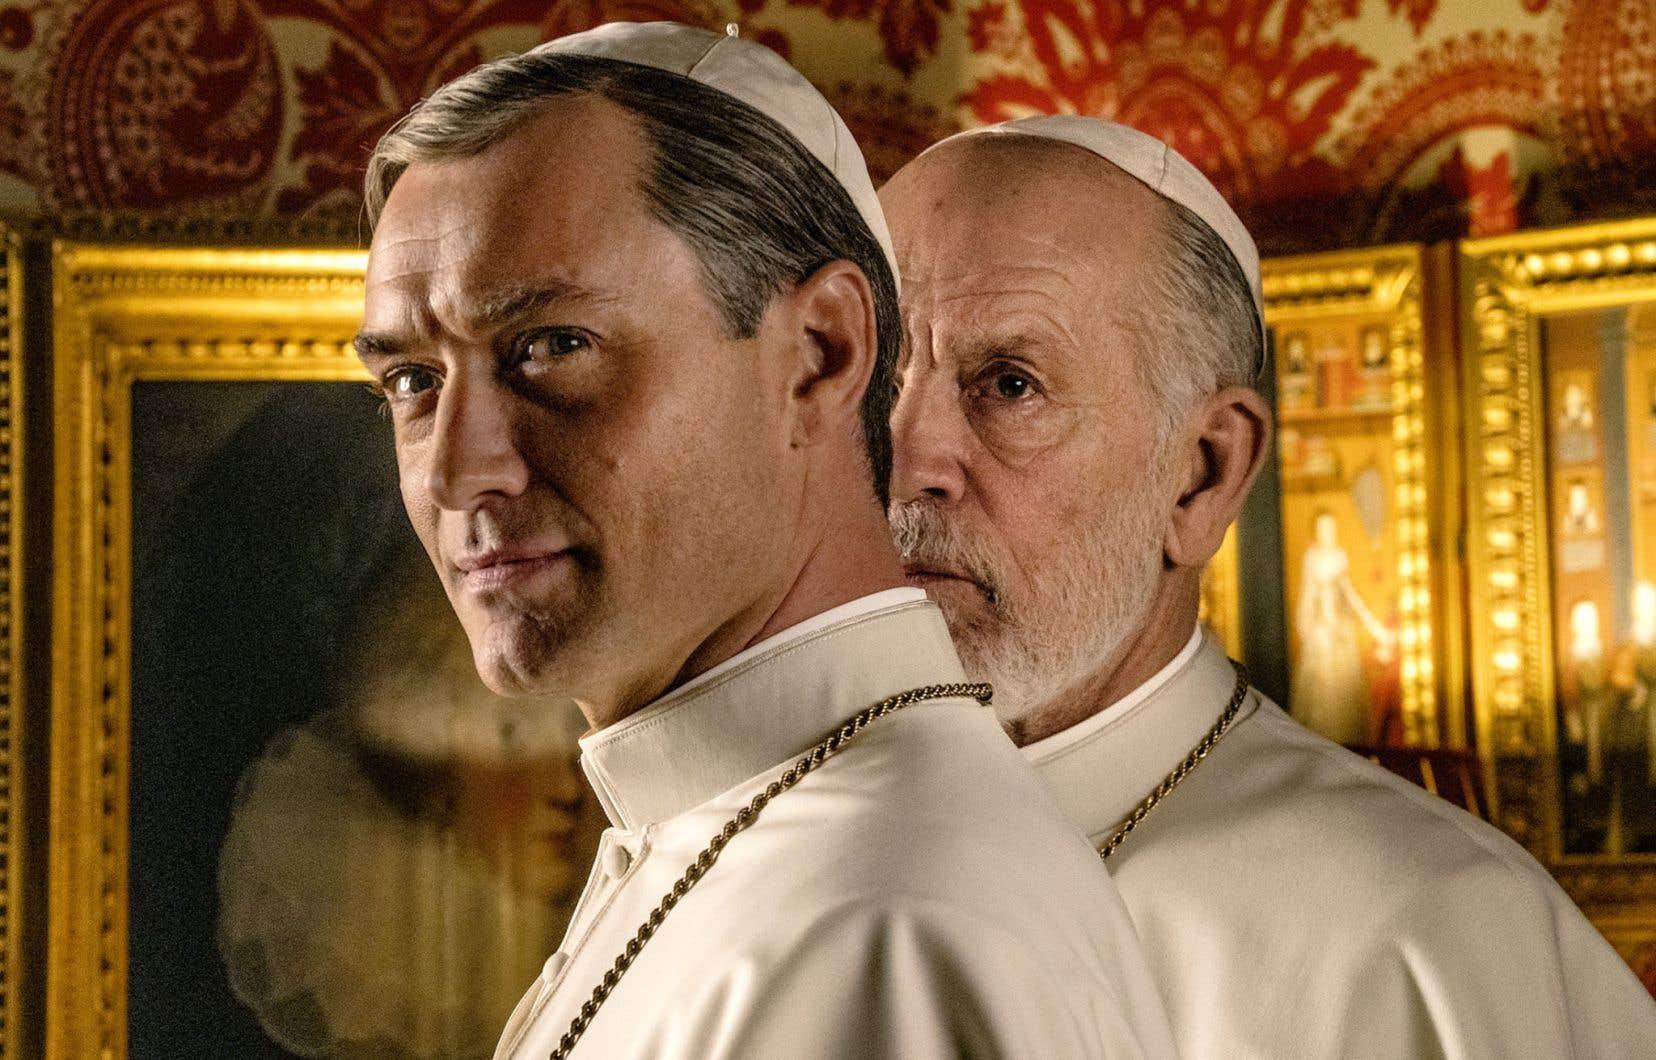 Jude Law incarne Pie XIII, aussi ambitieux que conservateur, tandis que John Malkovich joue un Jean-Paul III modéré, mais réformateur.